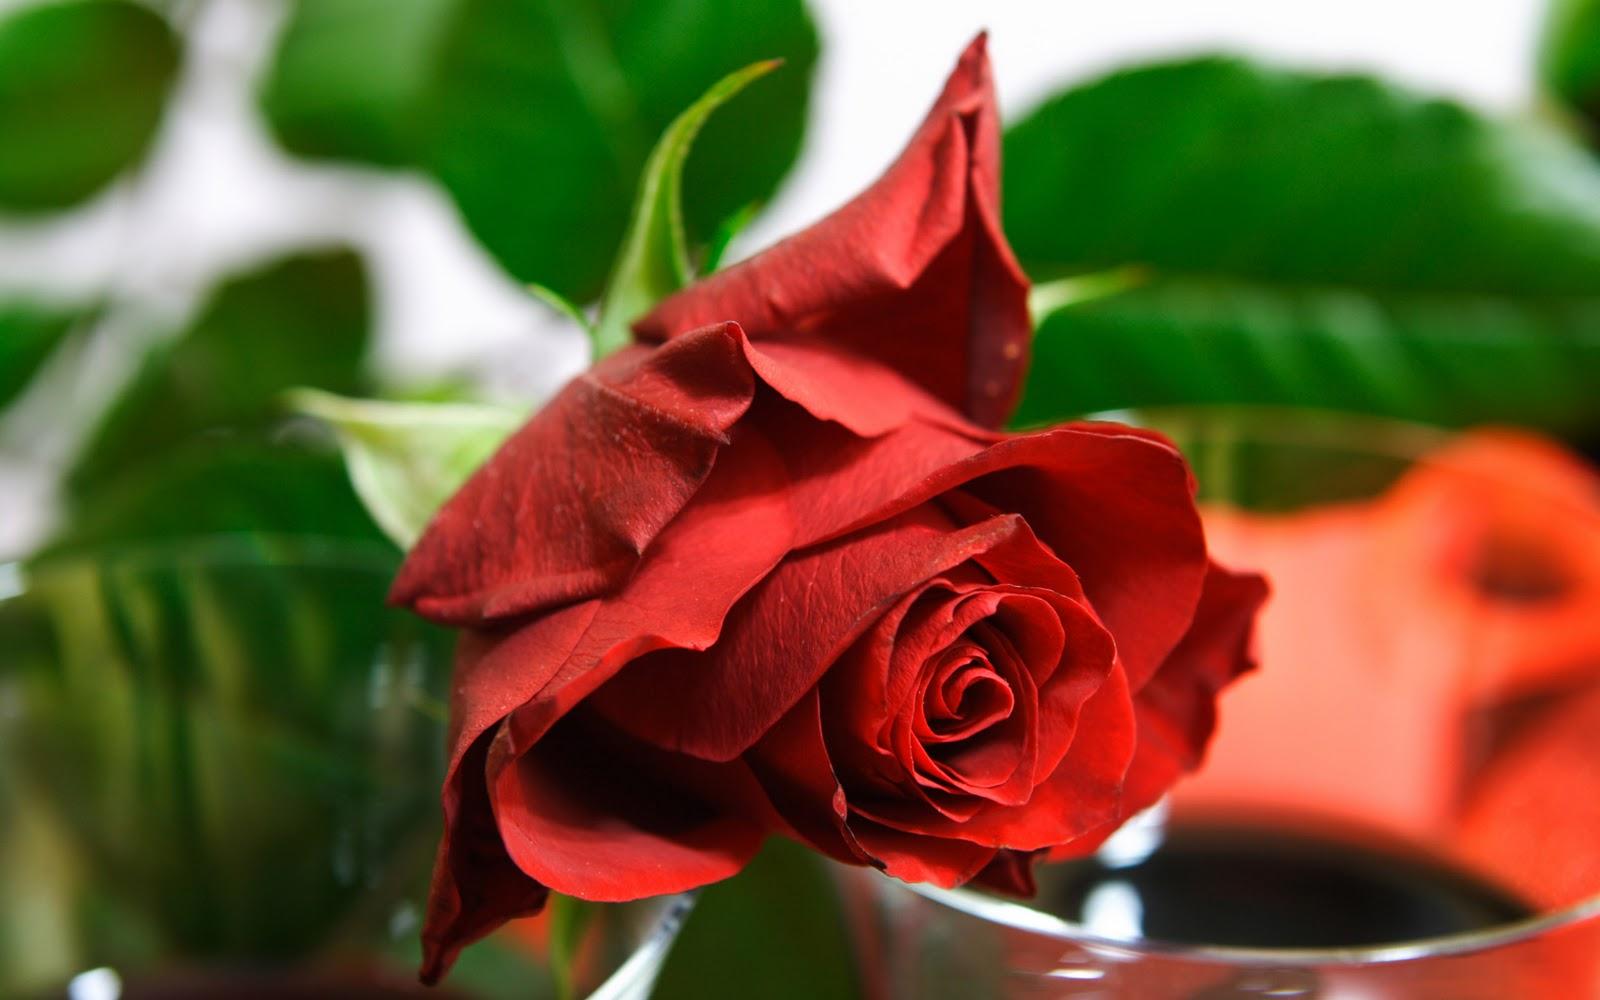 Wonderful Wallpaper Name Yash - rose-flower-wallpaper-free_2560x1600_83190  Gallery_111957.jpg